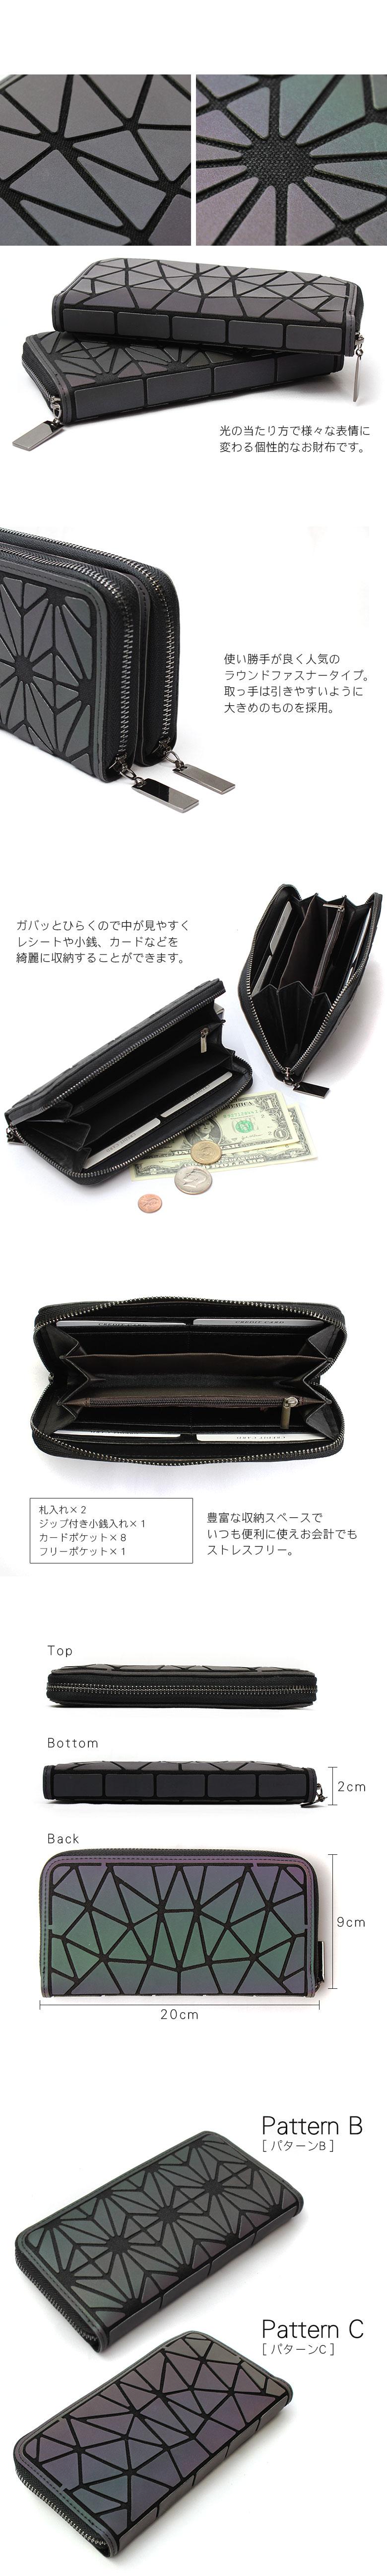 財布 通販 オーロラカラーロングウォレット/長財布